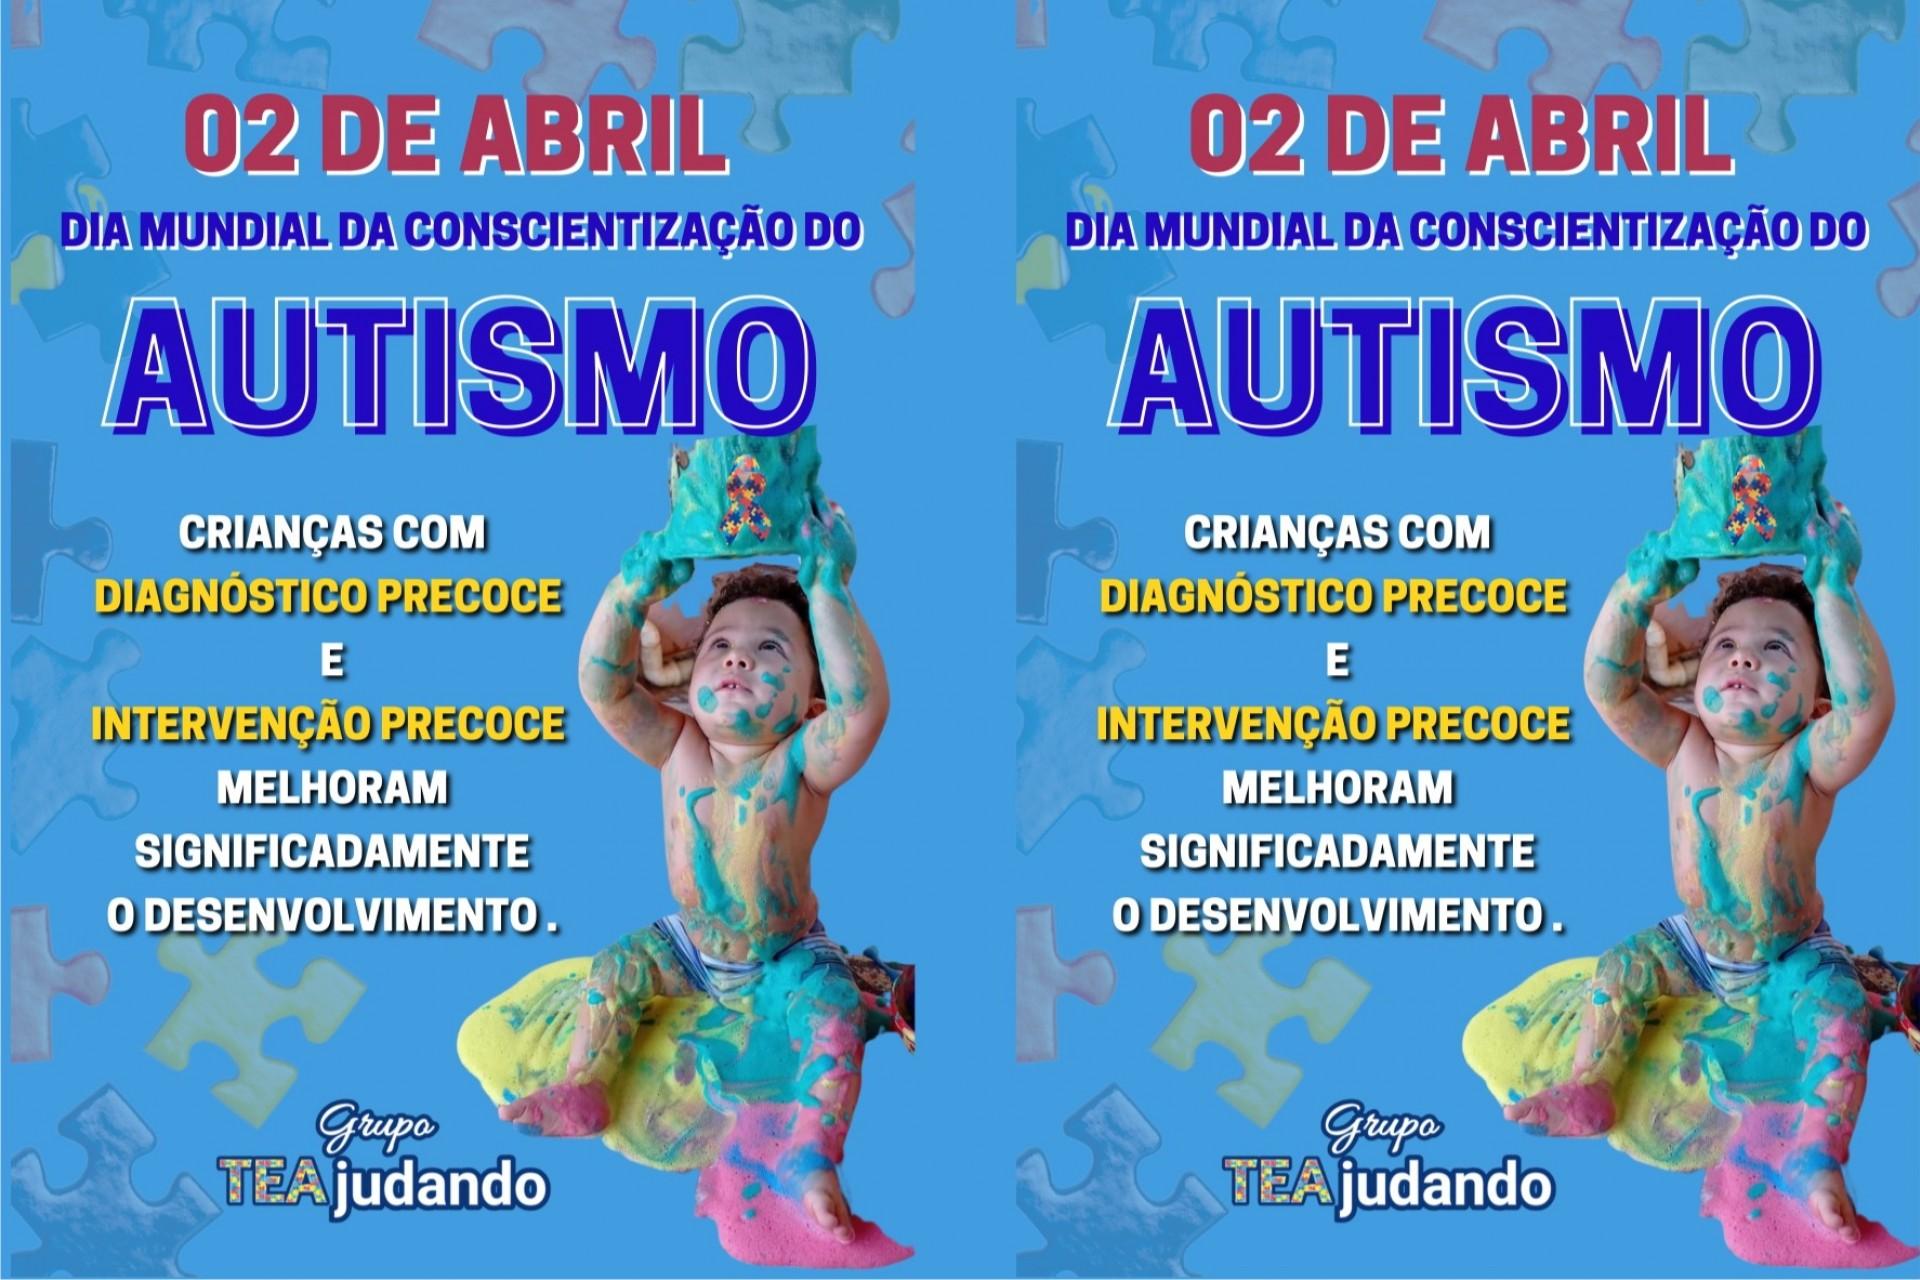 02 DE ABRIL DIA MUNDIAL DA CONSCIENTIZAÇÃO DO AUTISMO (TEA)